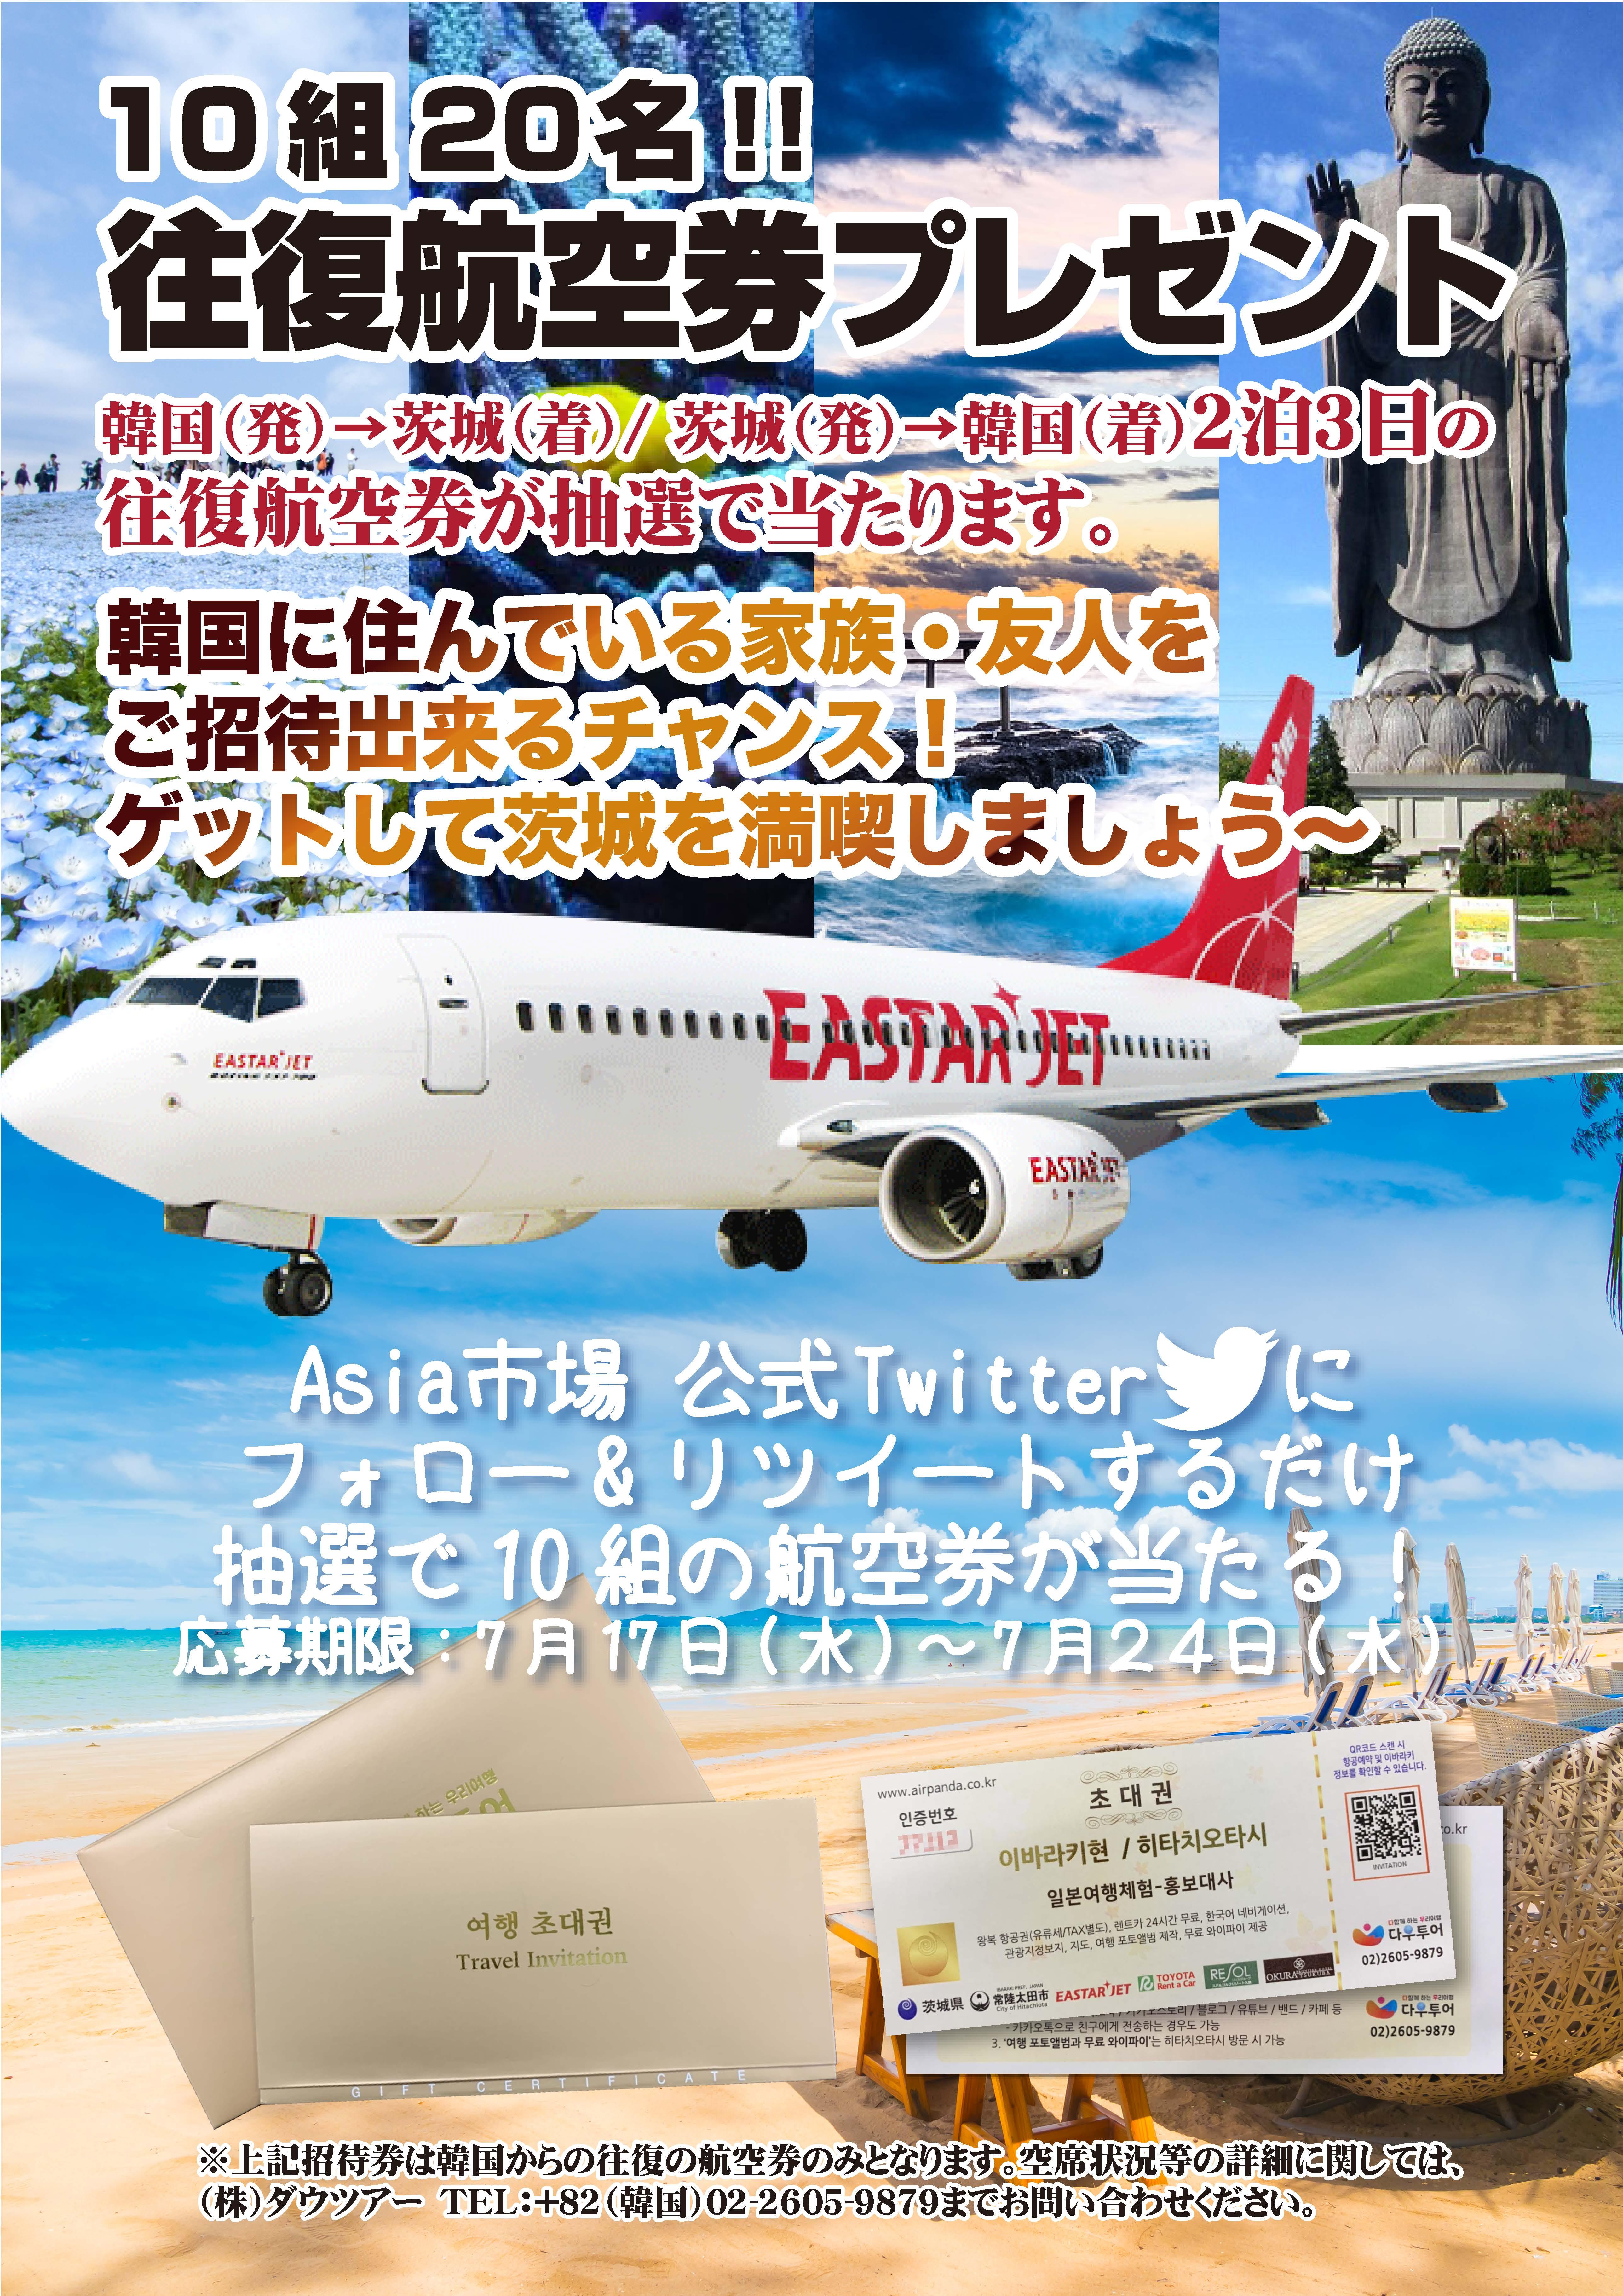 韓国からの往復航空券プレゼント